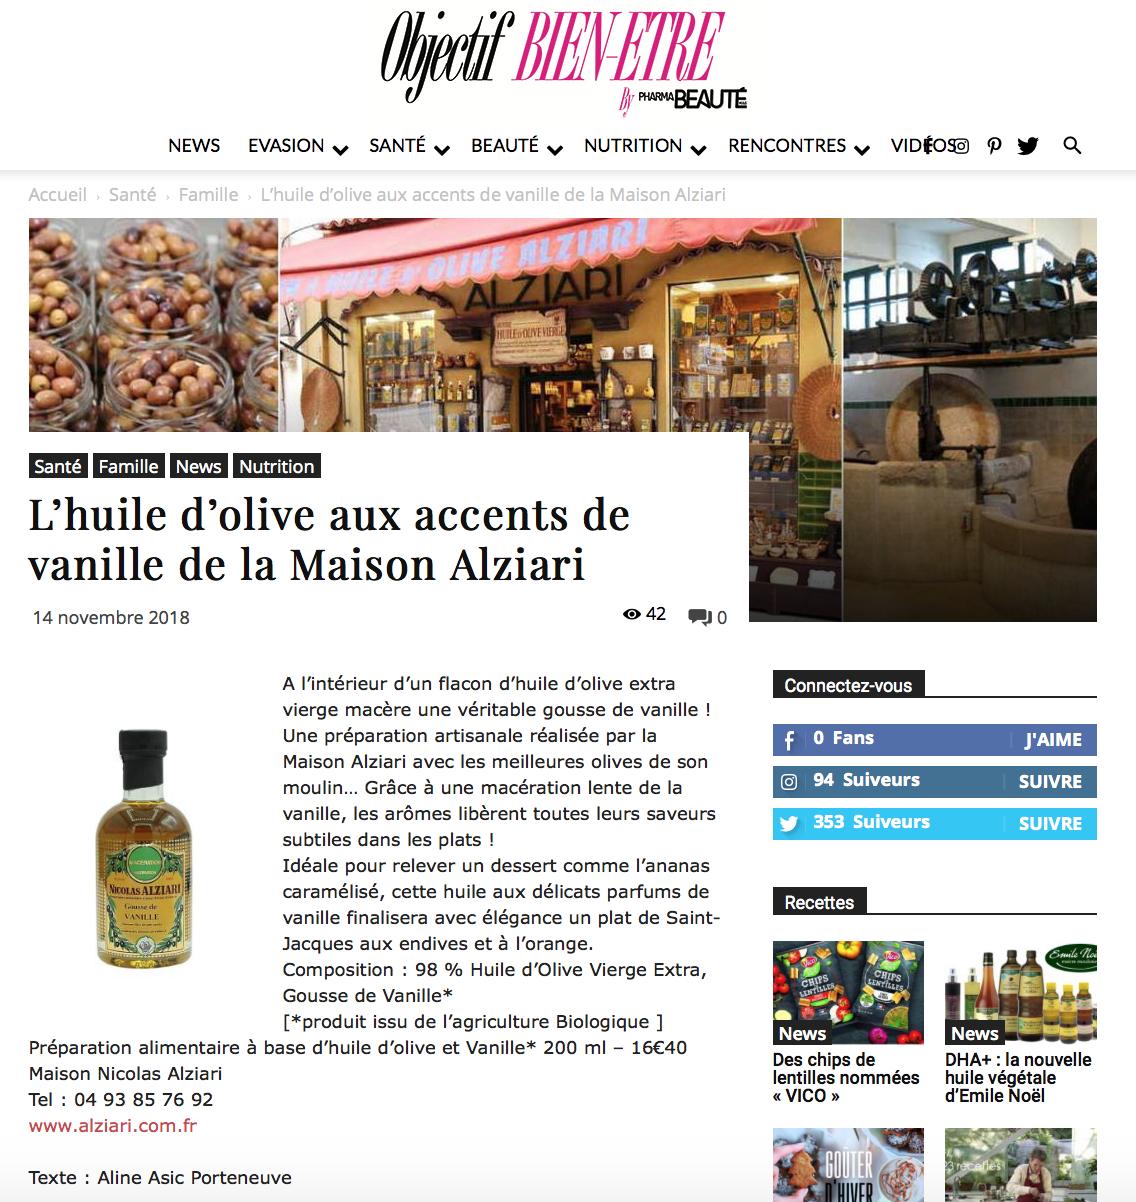 huile d'olive vanille; maison alziari; fabriquant d'huile d'olive